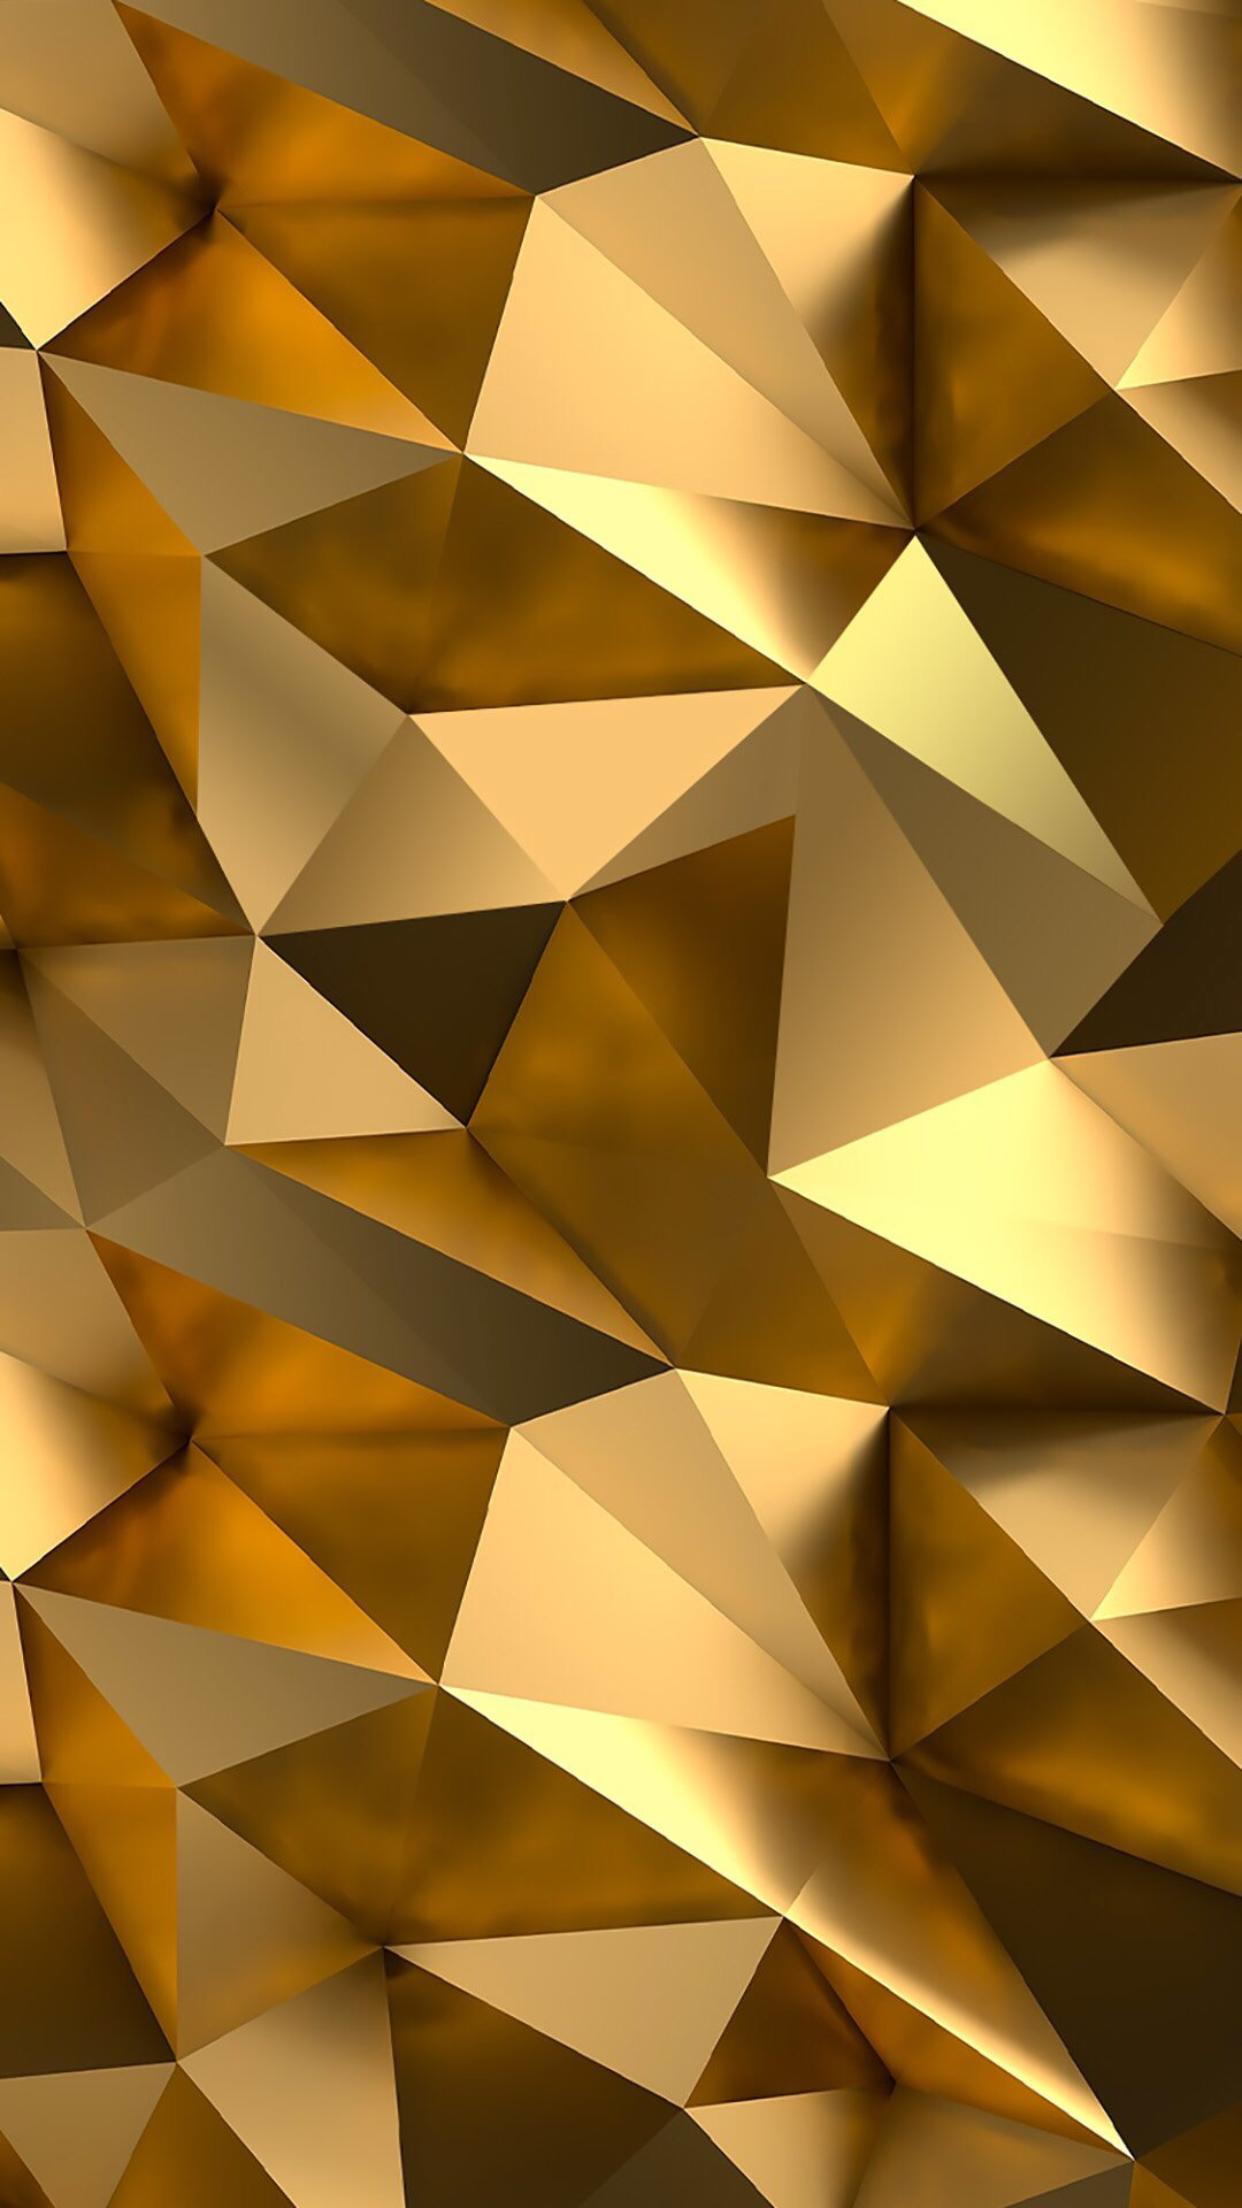 Golden Wallpaper Hd